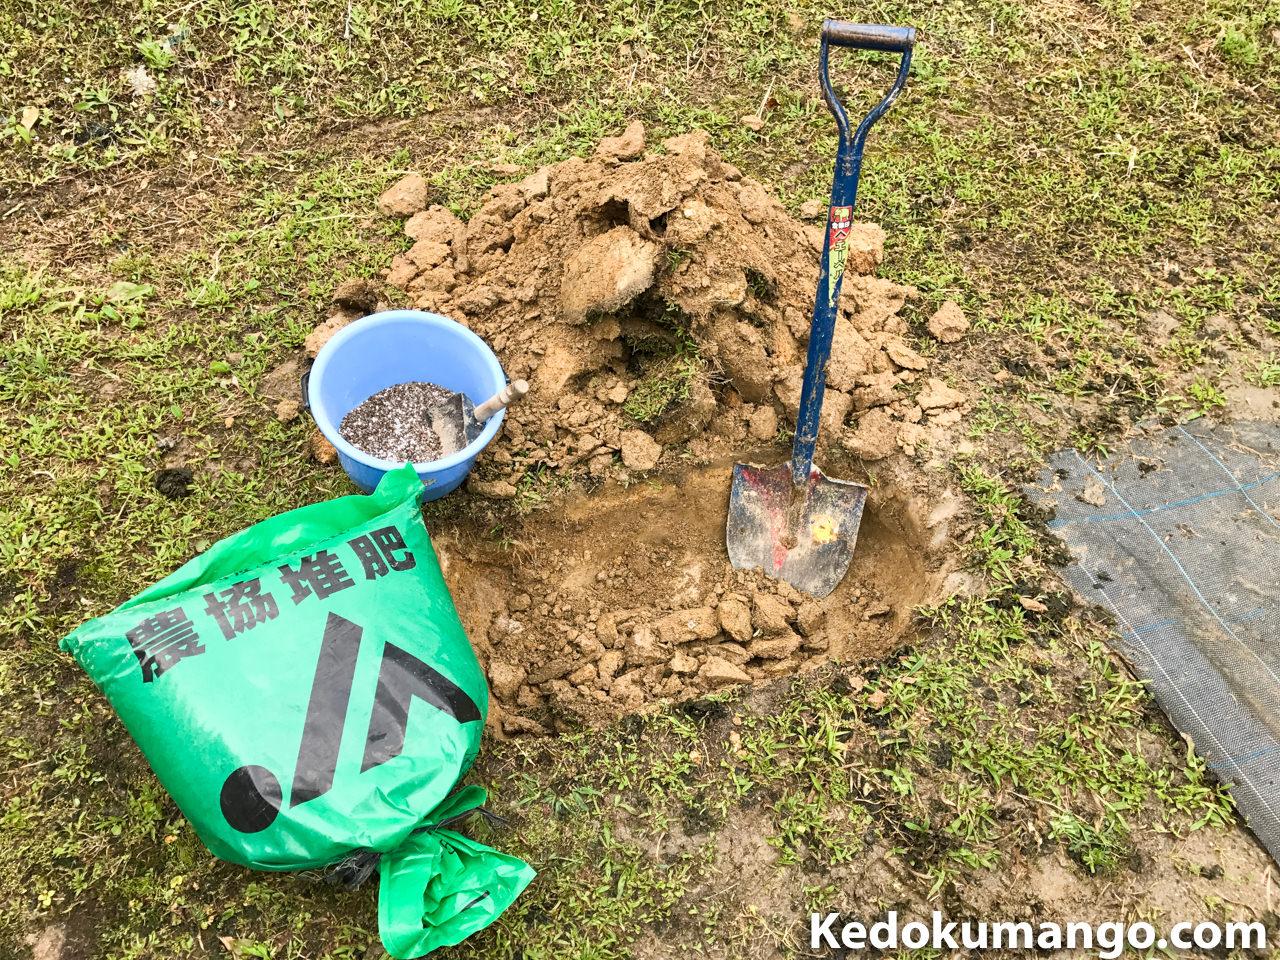 元肥と定植する穴